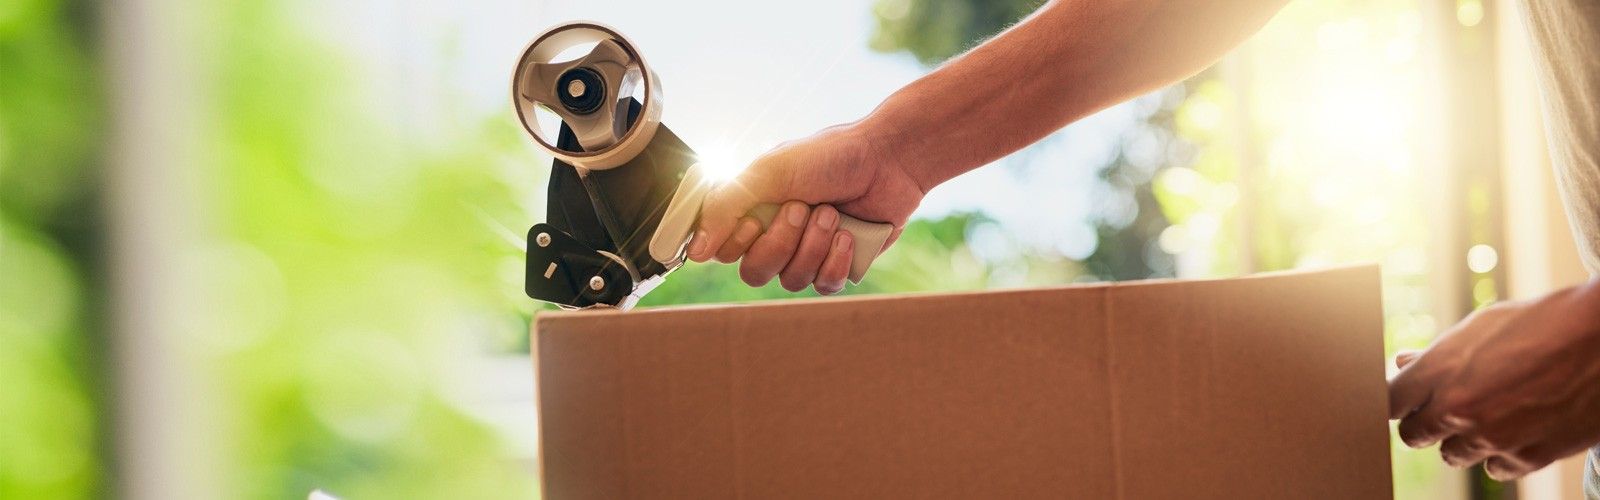 Verpakkingsmaterialen en verhuisdozen